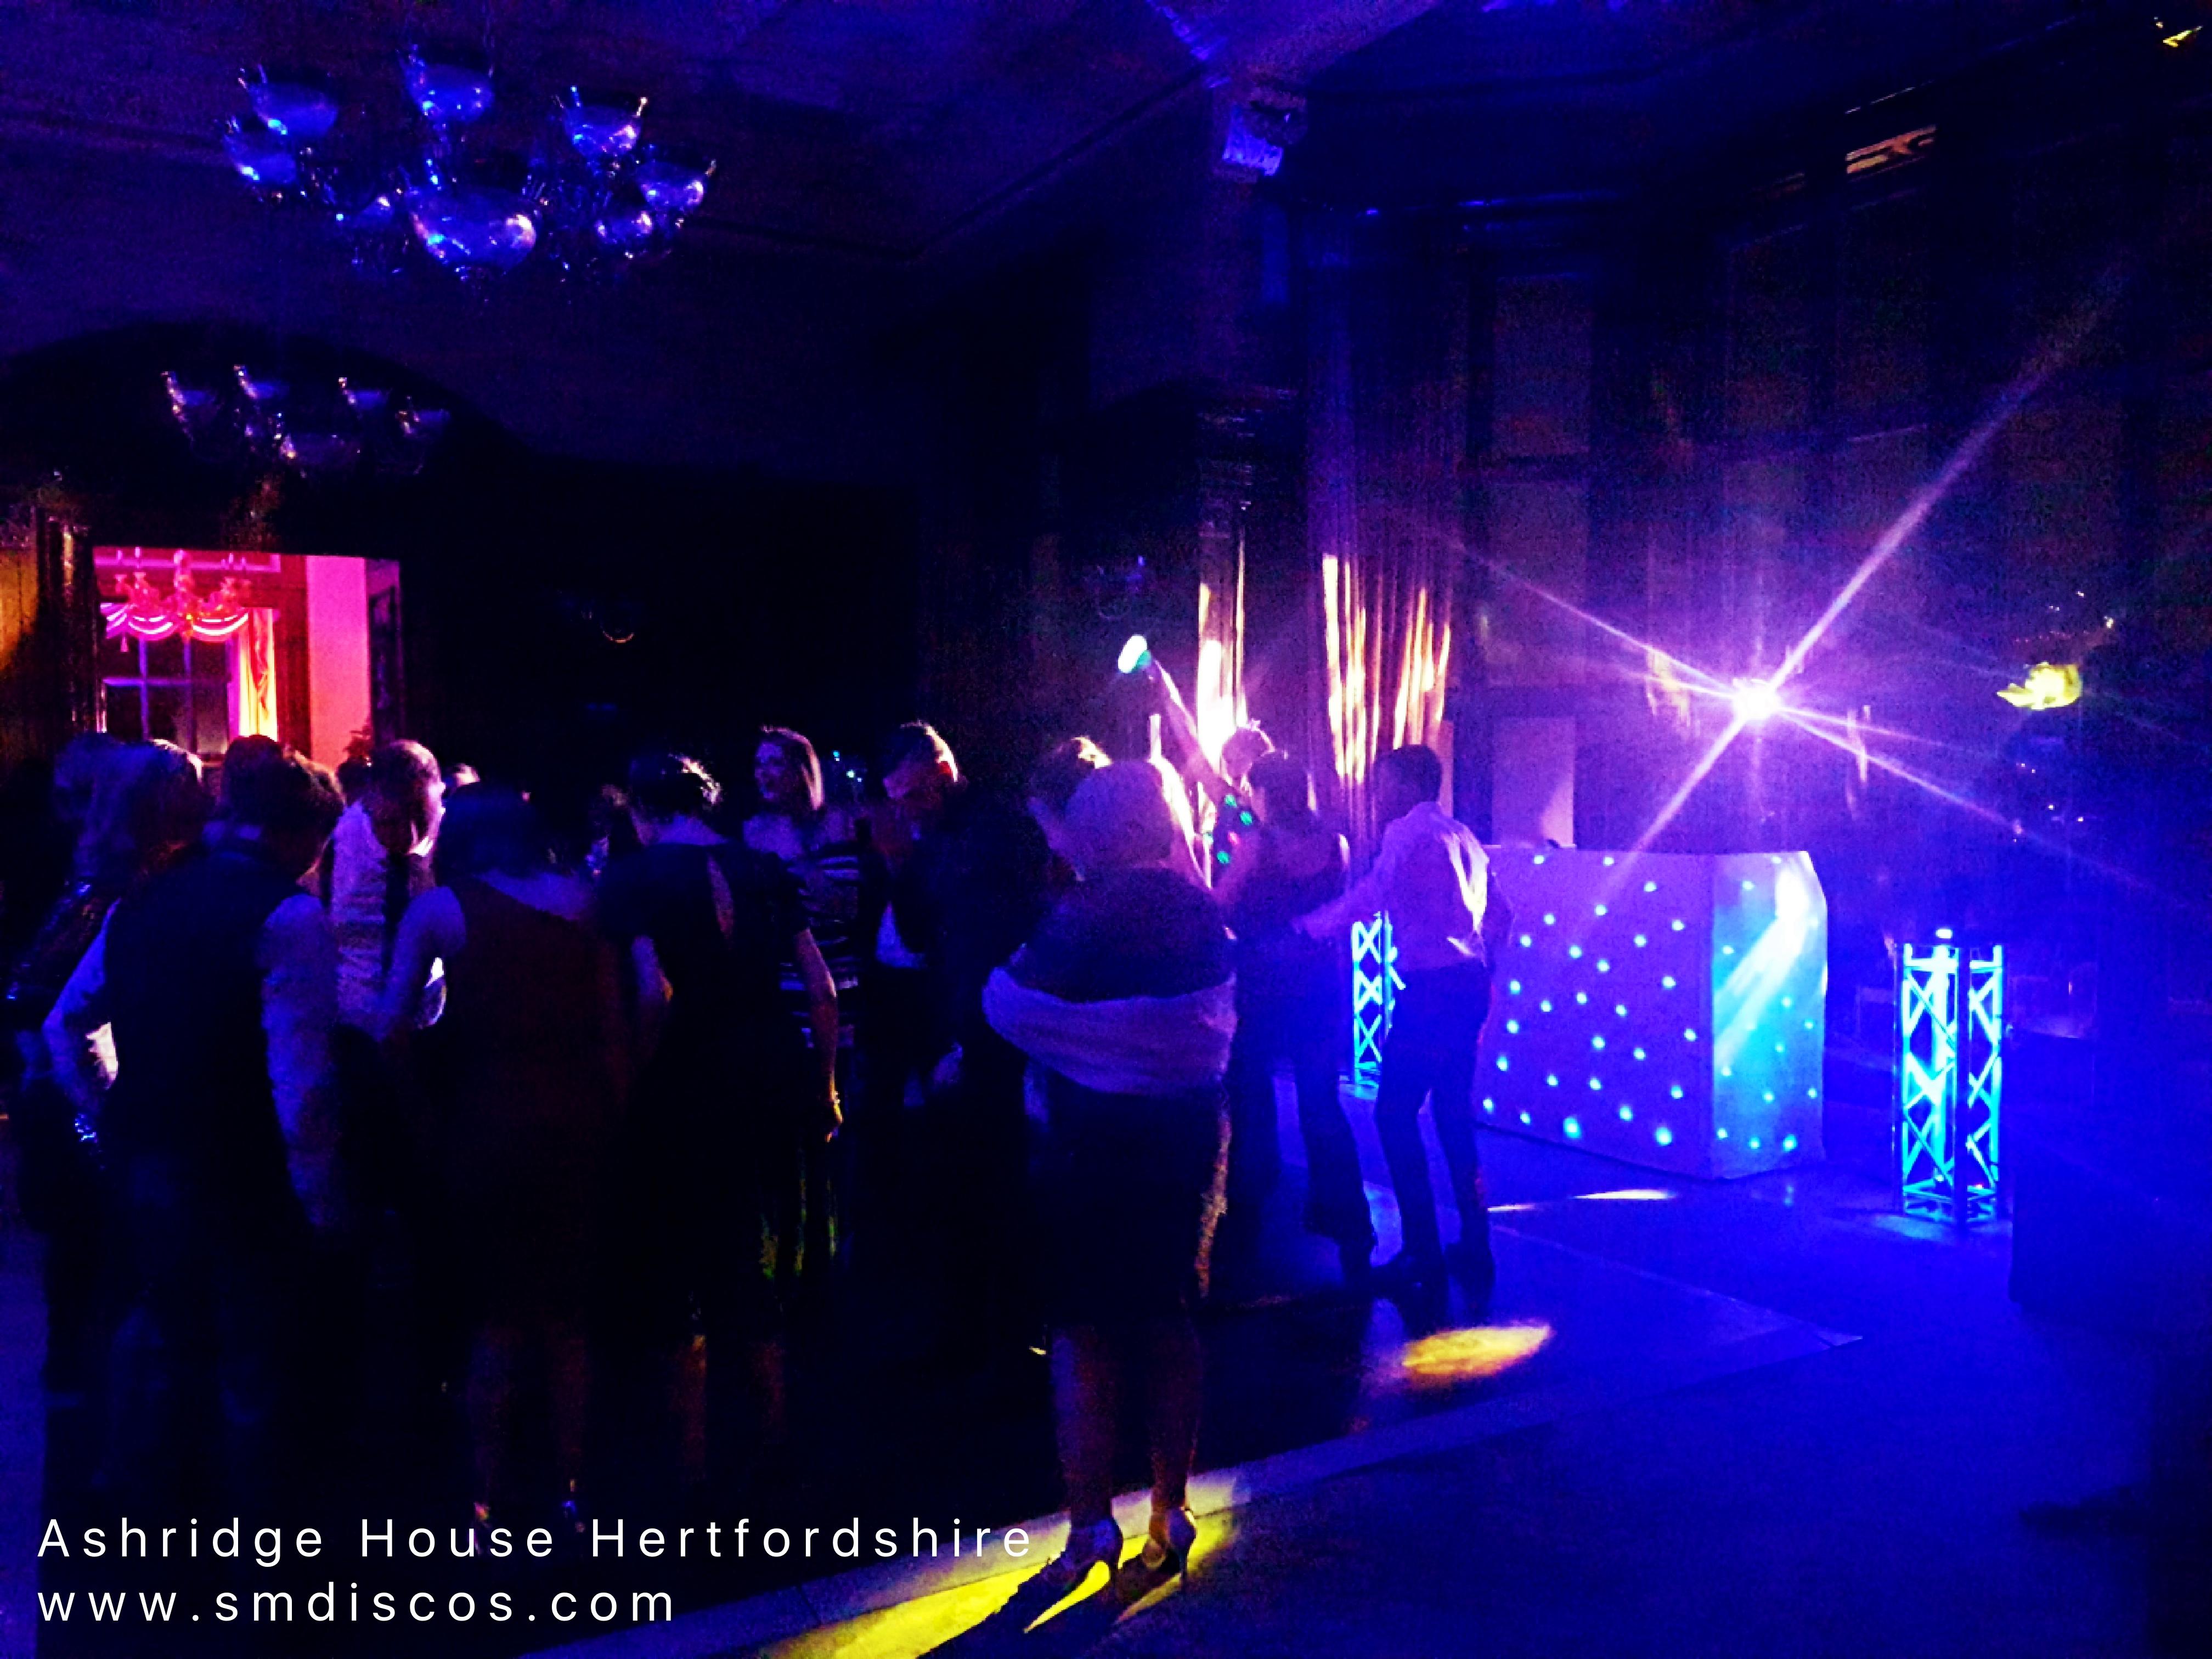 DJ at Ashridge House